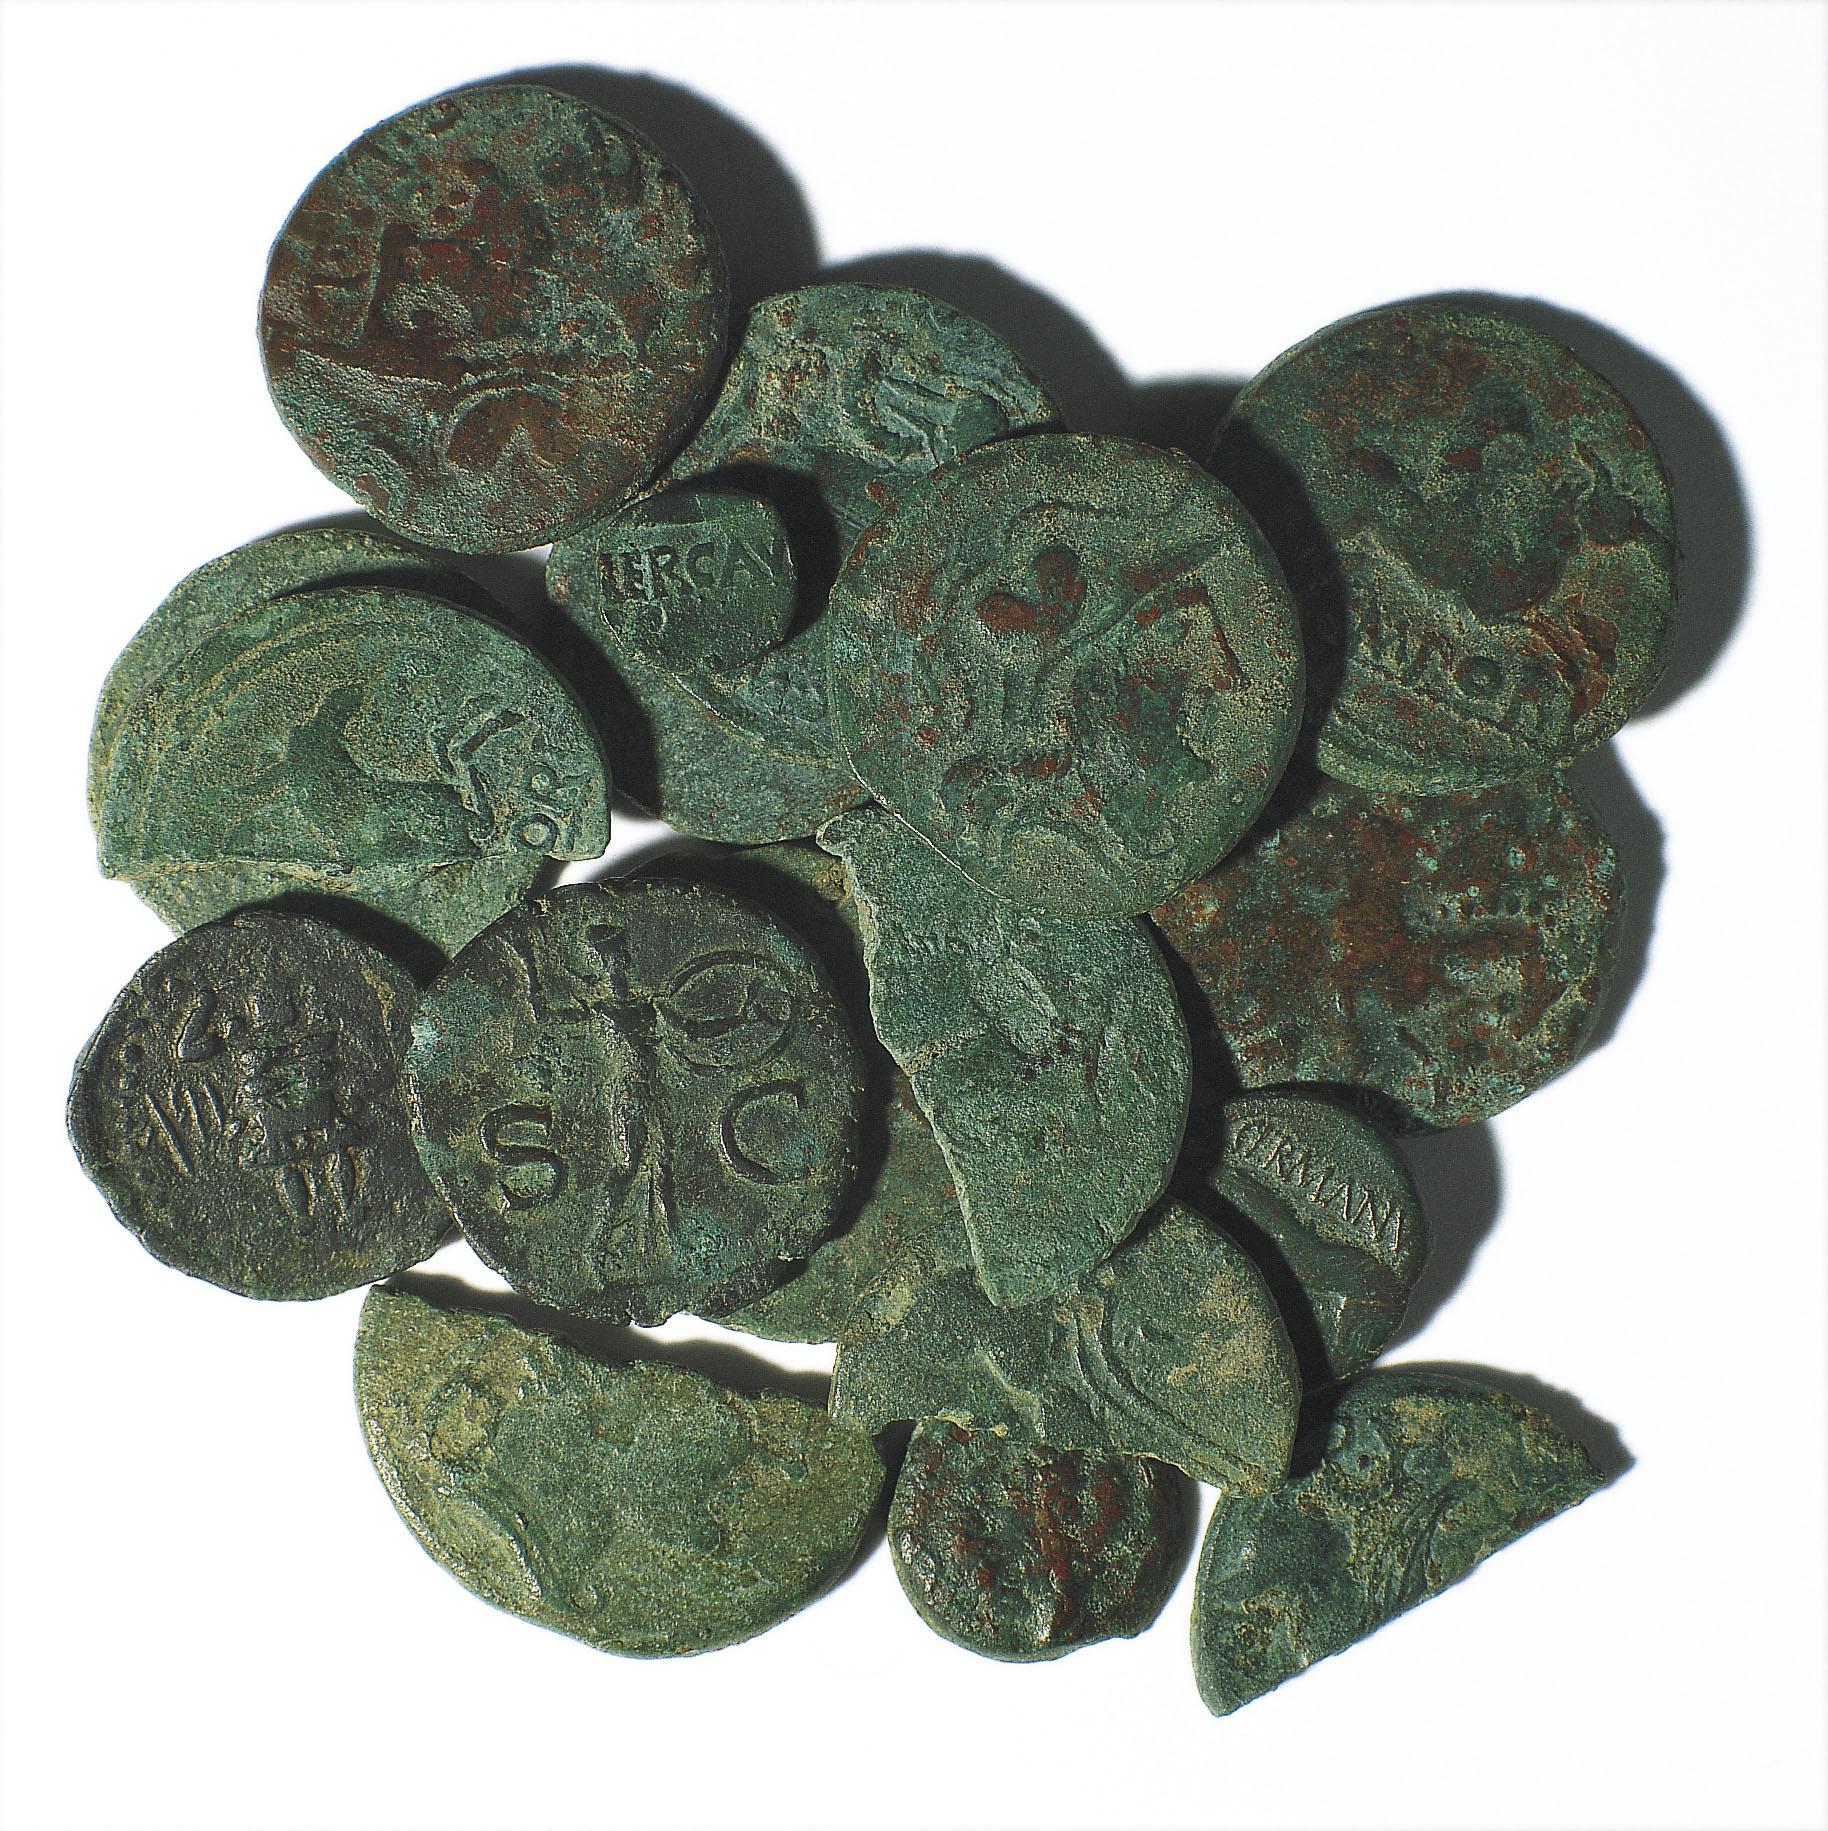 Diverses autoritats - Conjunt monetari d'Emporion d'època flàvia - Finals del segle I